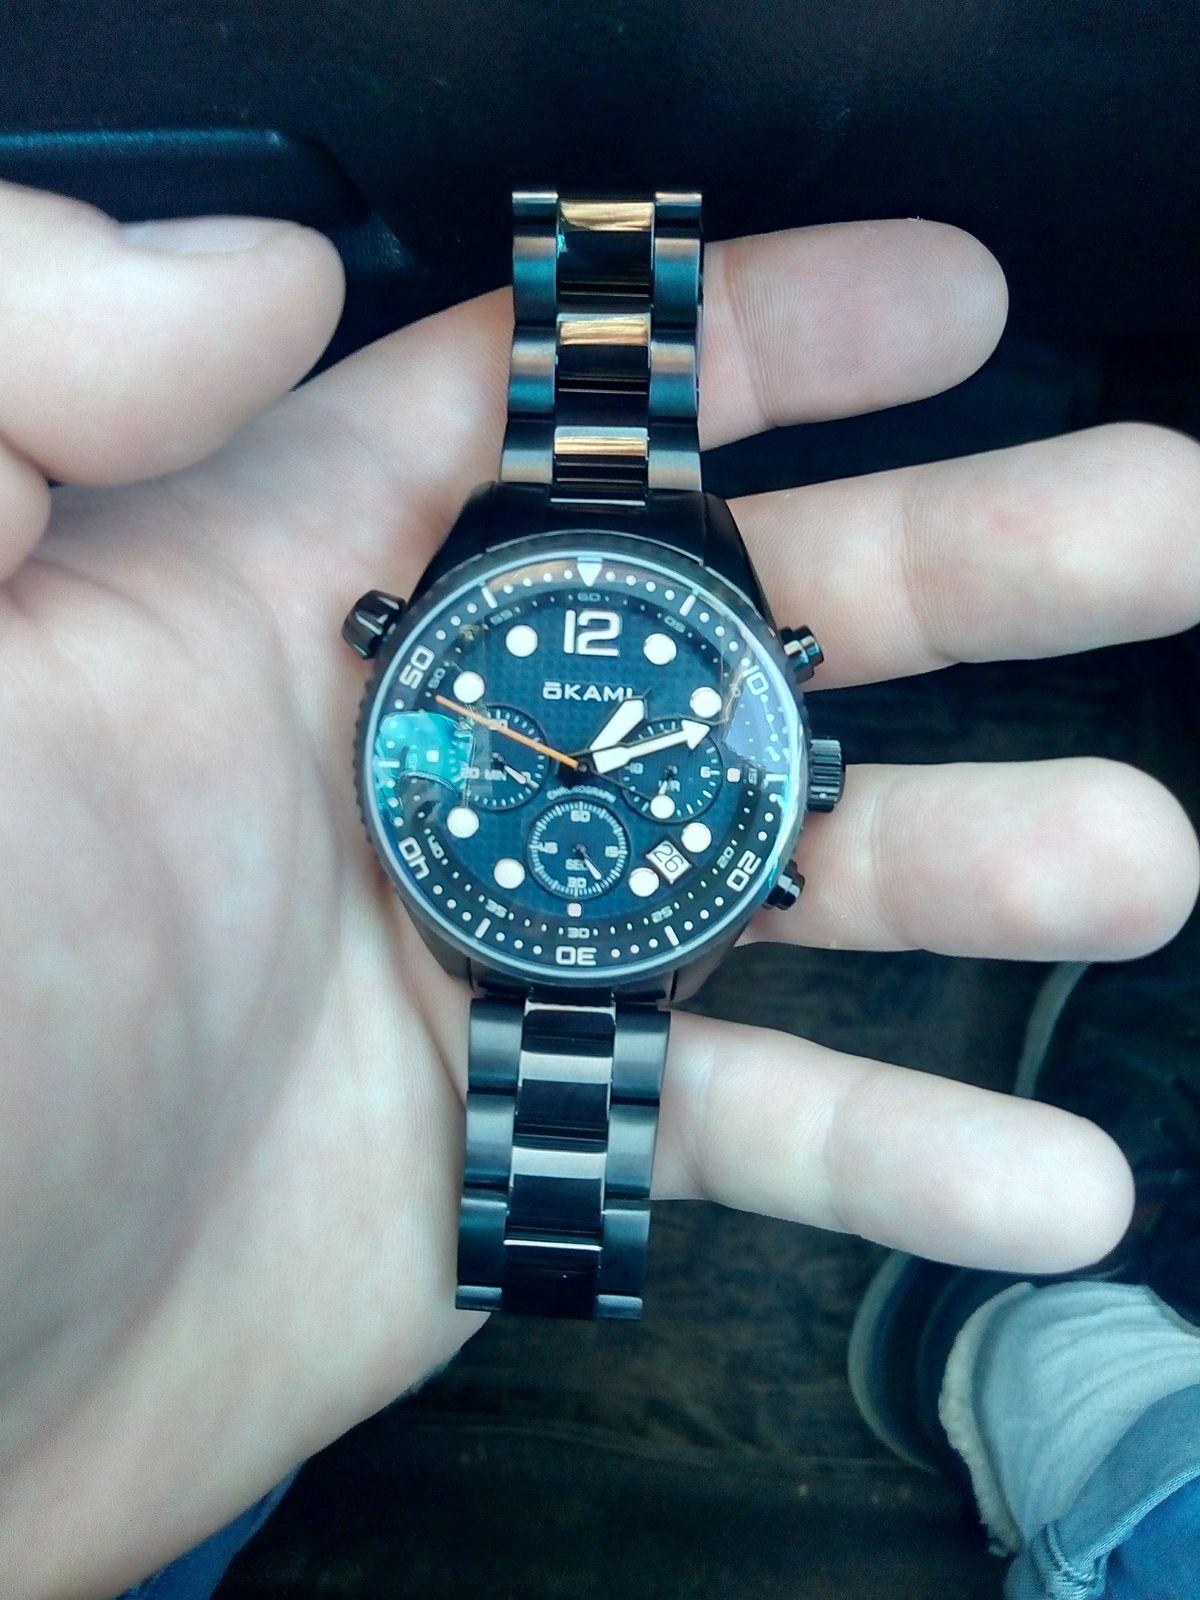 Прикольные часы, на мой взгляд, фирма хорошая